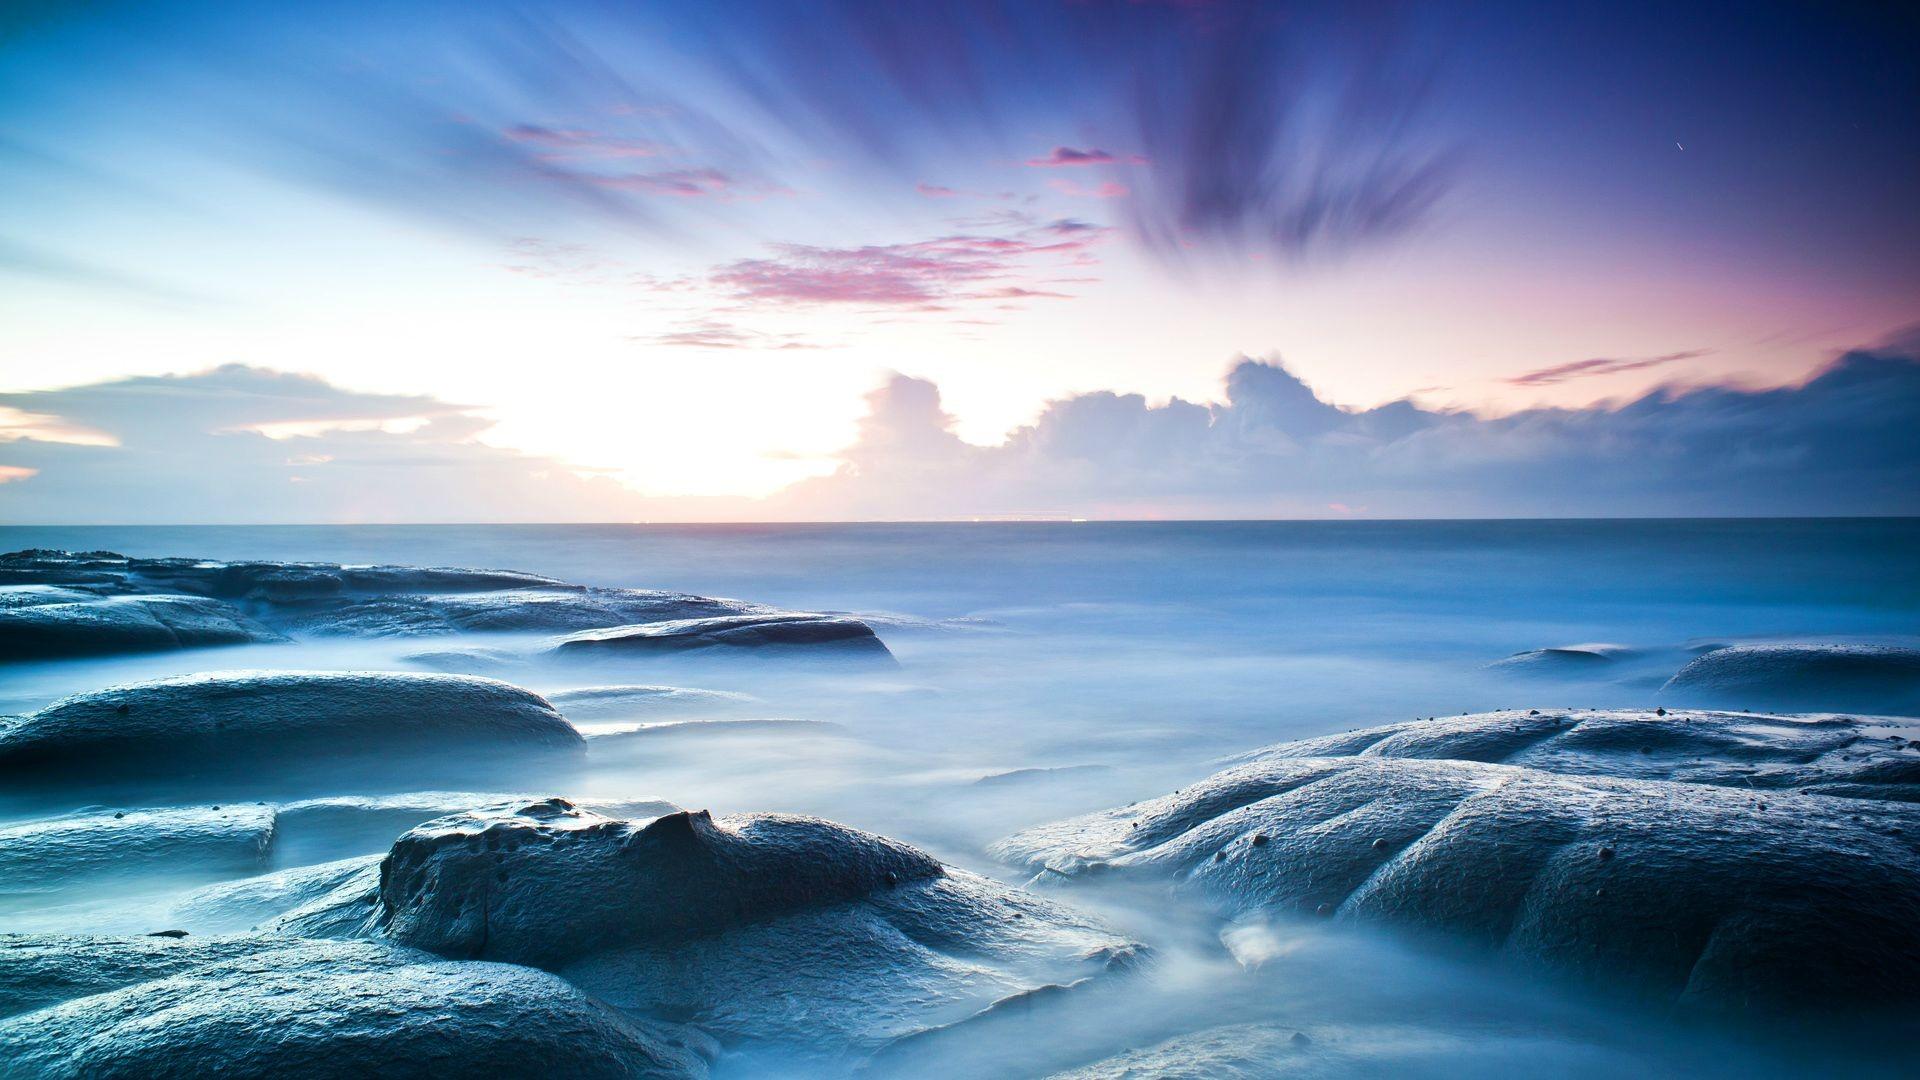 Fantastic Seascape Wallpaper 29229 1920x1080 px 1920x1080